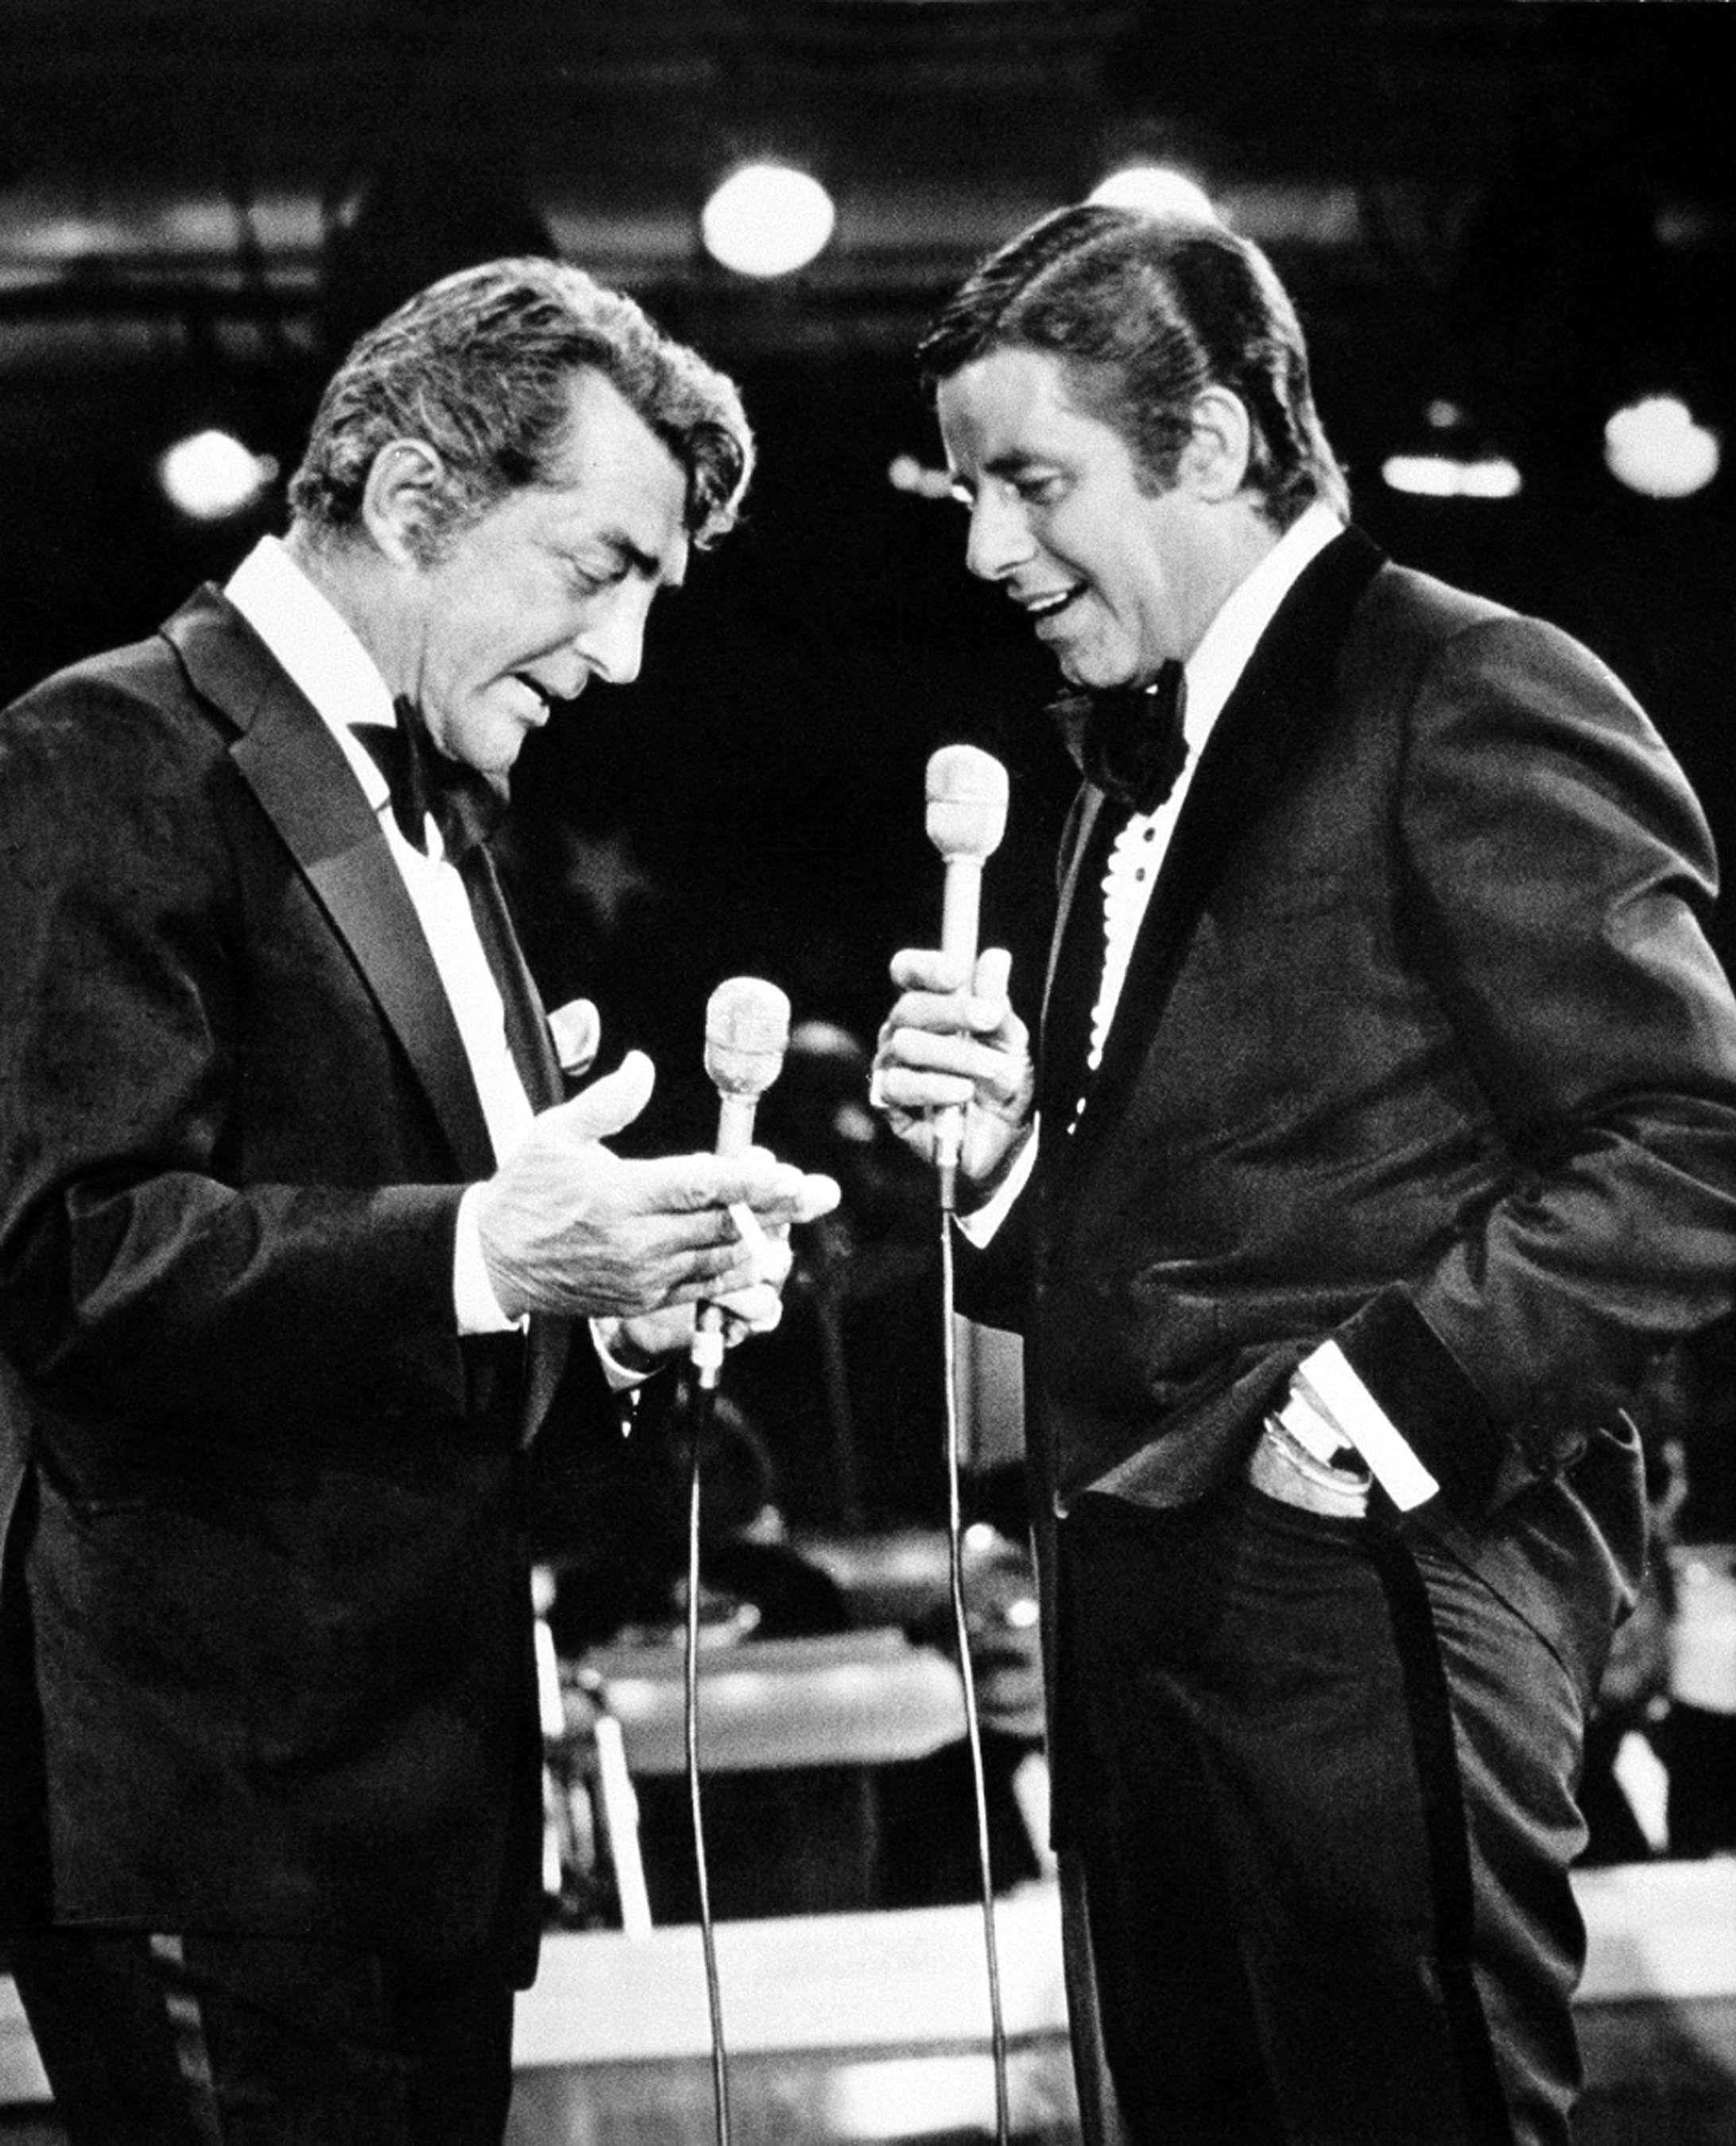 En septembre 1976, Dean Martin (à gauche) et Jerry Lewis lors du Téléthon à Las Vegas.